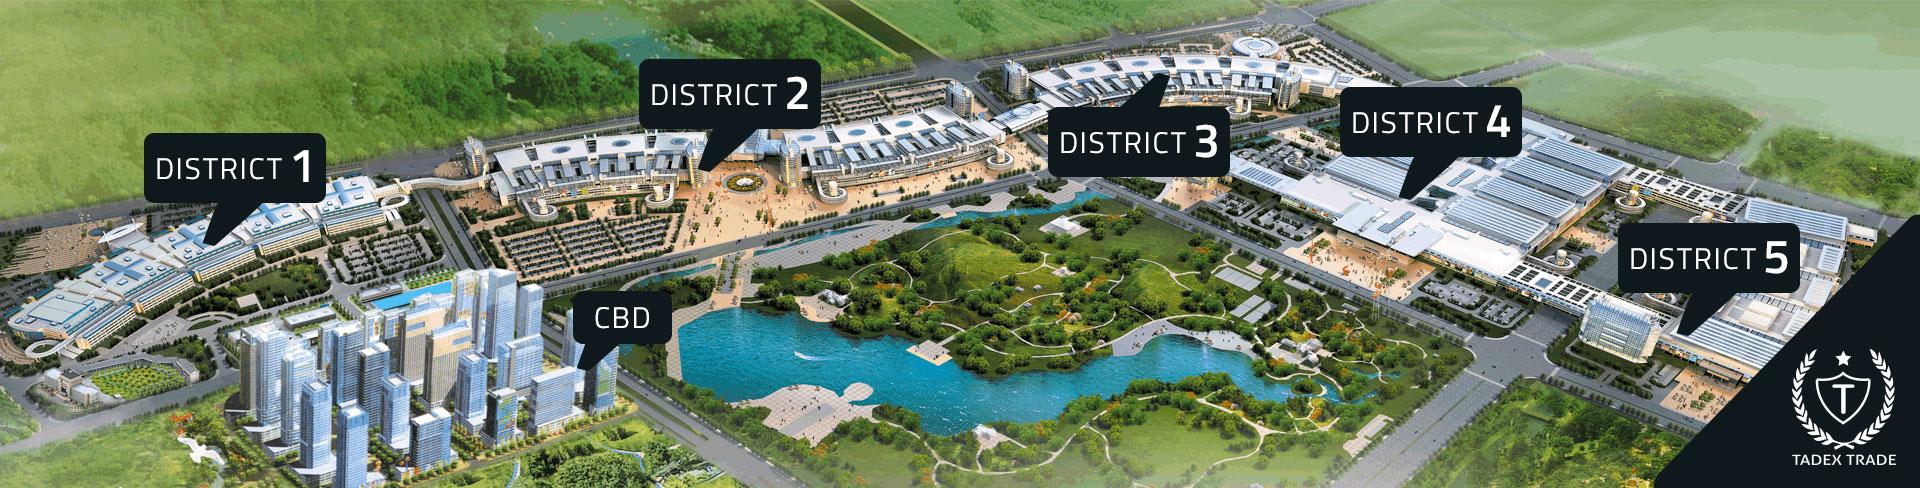 Yiwu Market China Districts